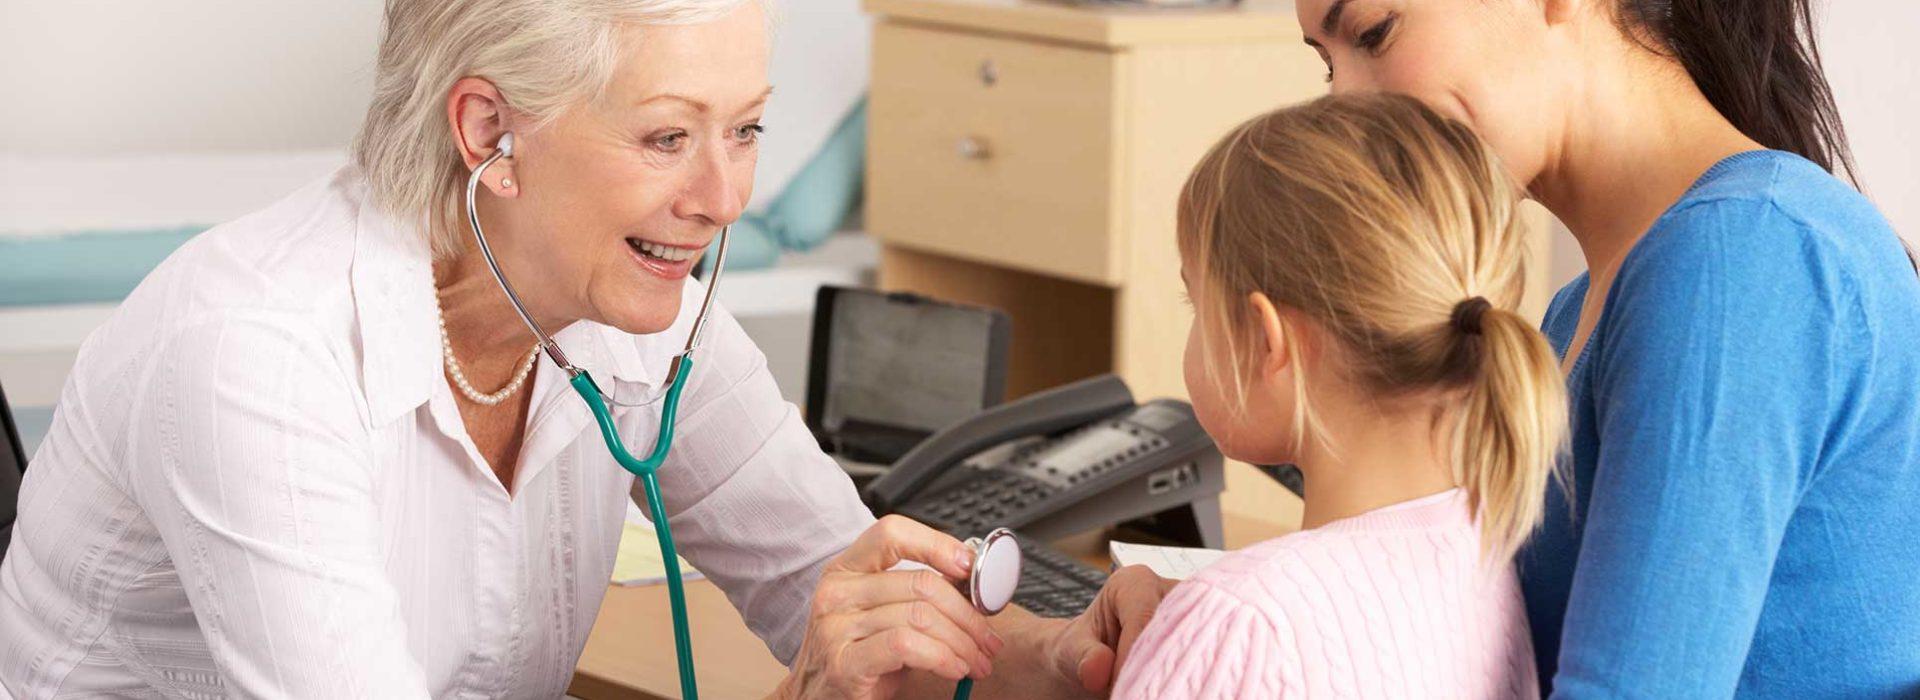 female doctor using stethoscope on little girl in her mum's lap